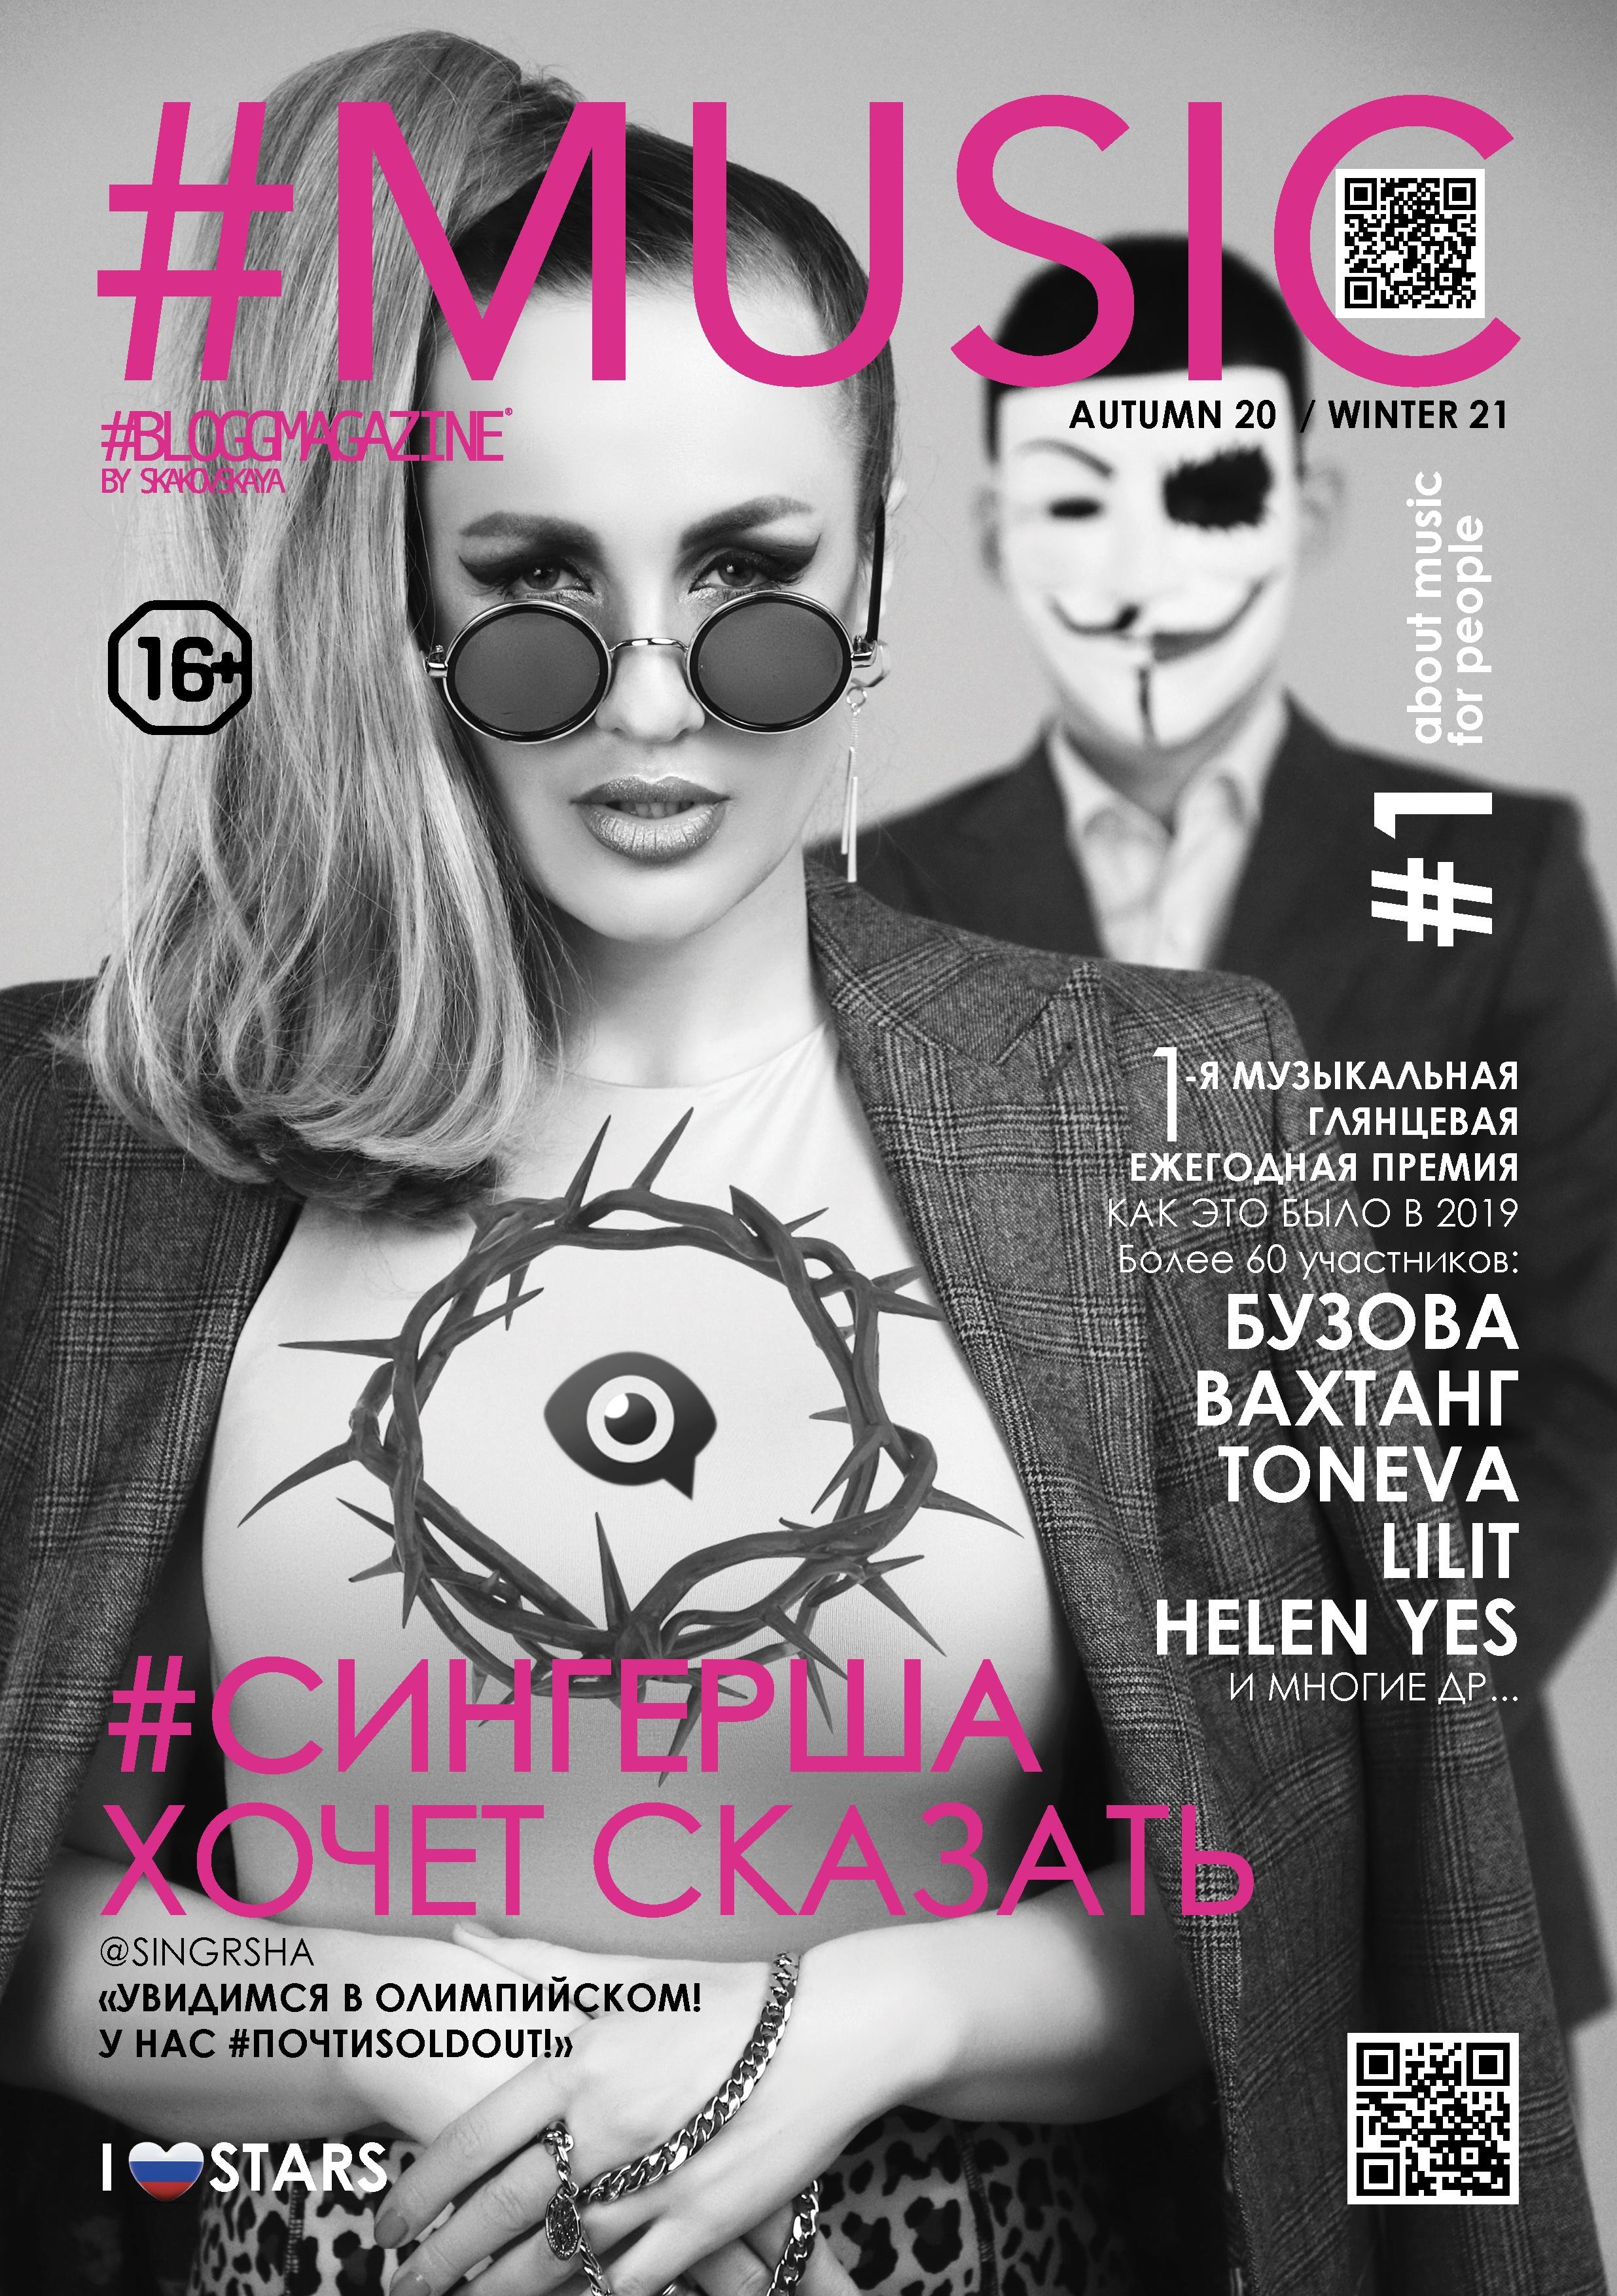 music_bloggmagazine_singrsha_skakovskaya